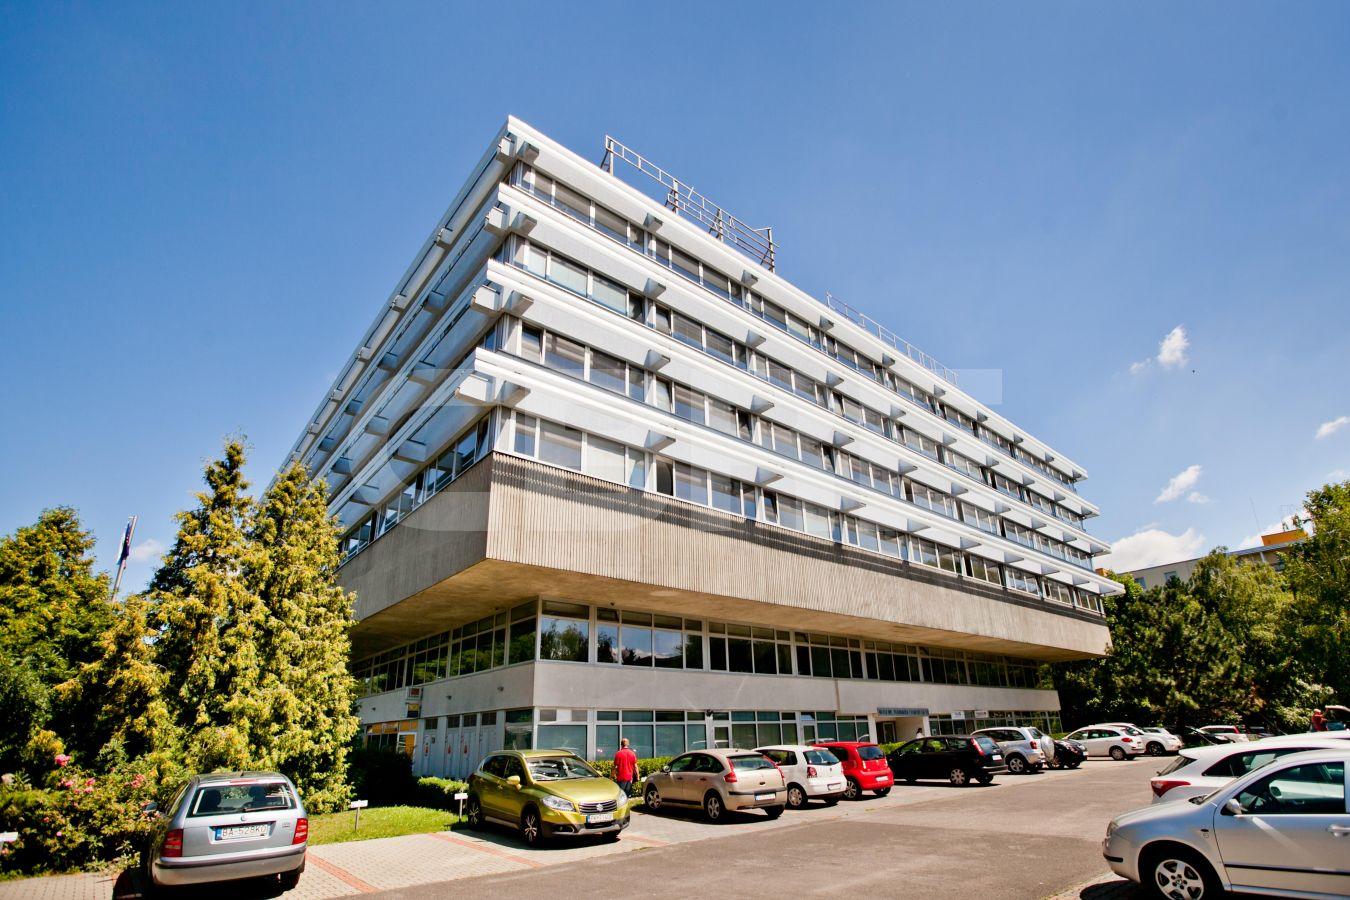 AB Dr. V. Clementisa, Bratislava - Ružinov | Offices for rent by CBRE | 2